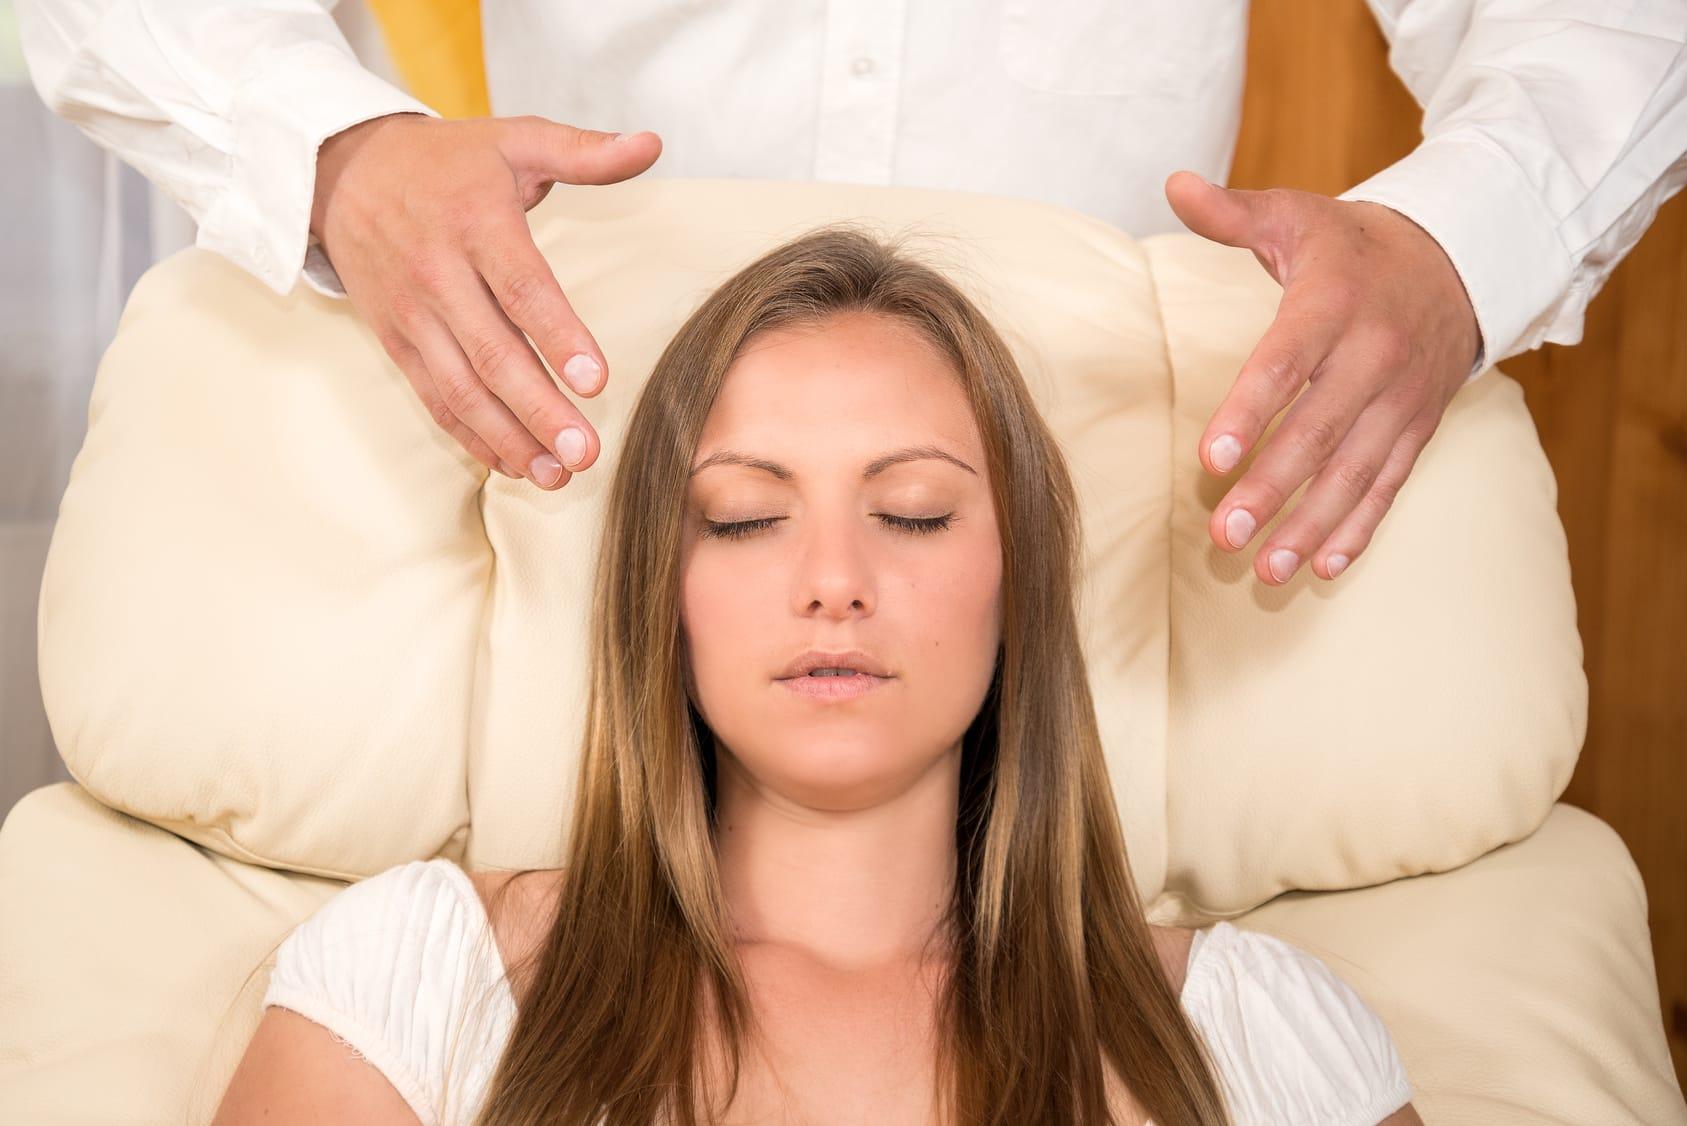 Gegen Hypnose wehren – Geht das?